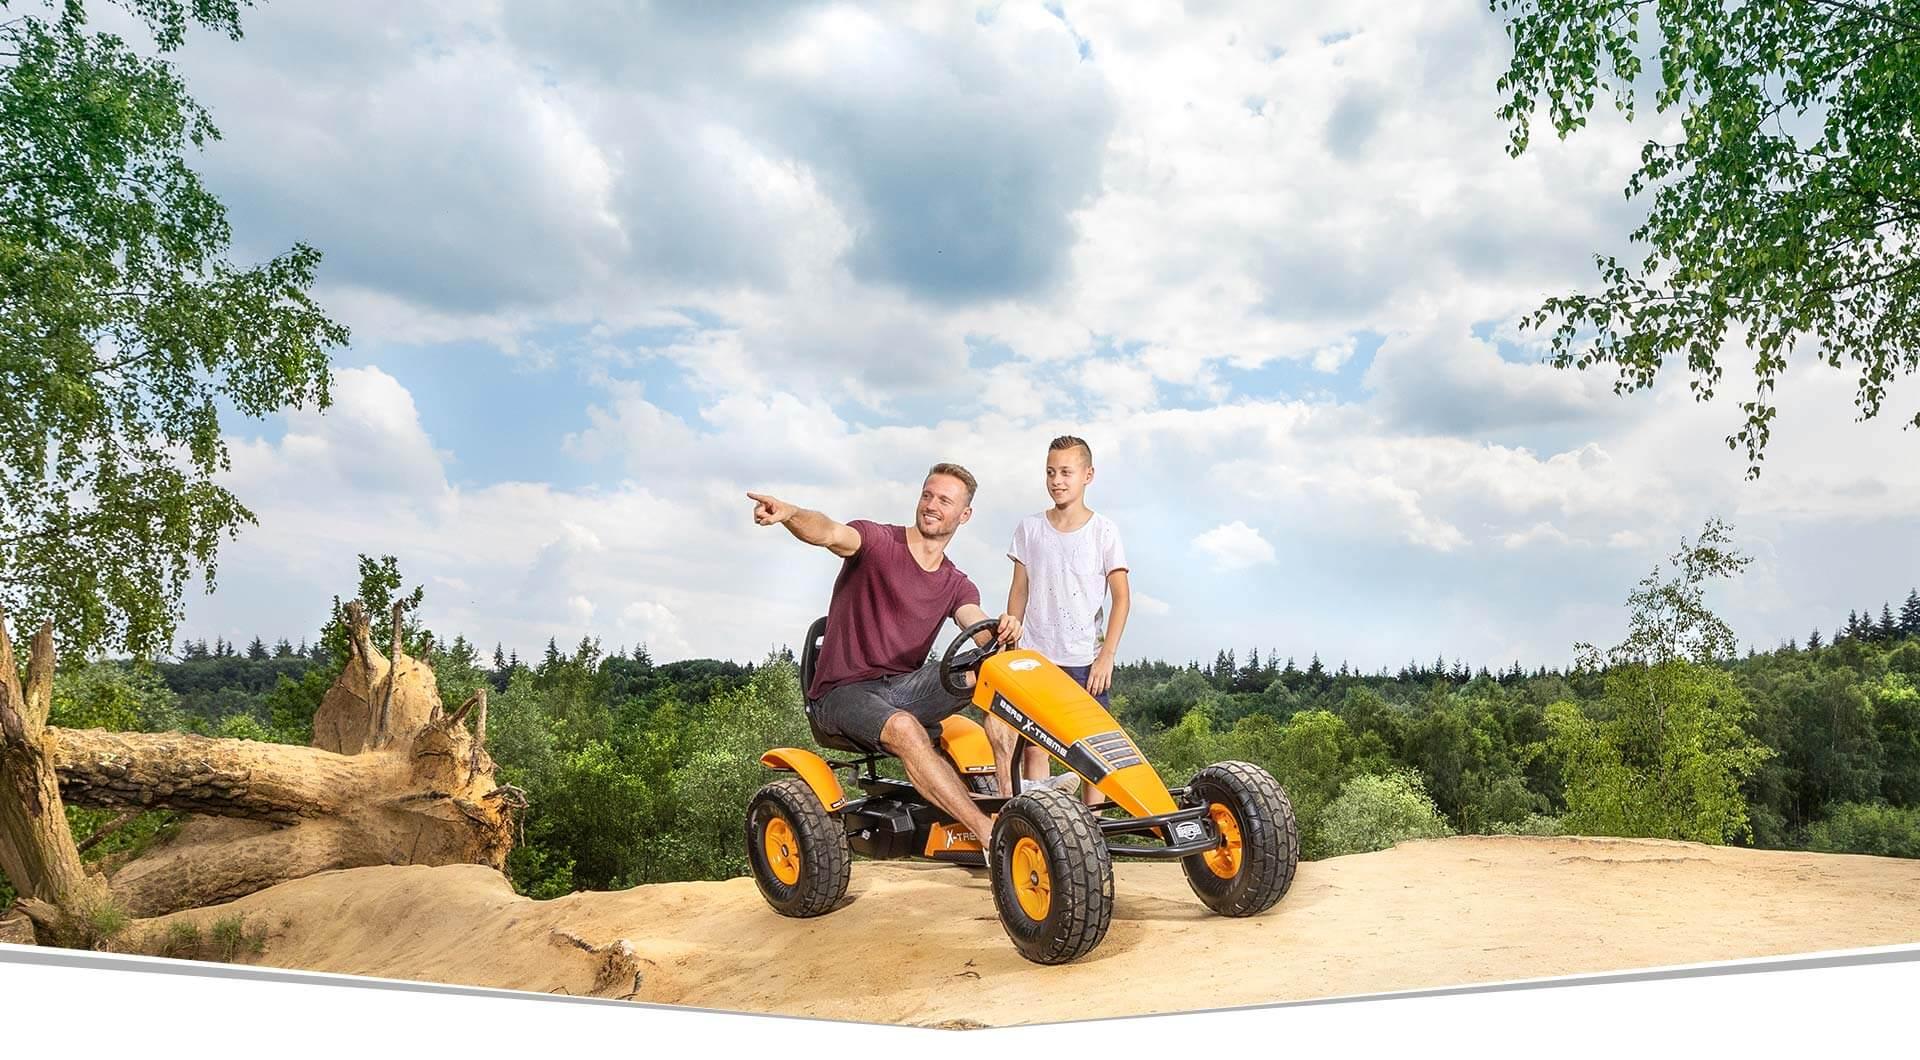 BERG-Pedal-Gokart Themenpakete Übersicht - E-BFR-Gokarts kaufen auf gokart-profi.de